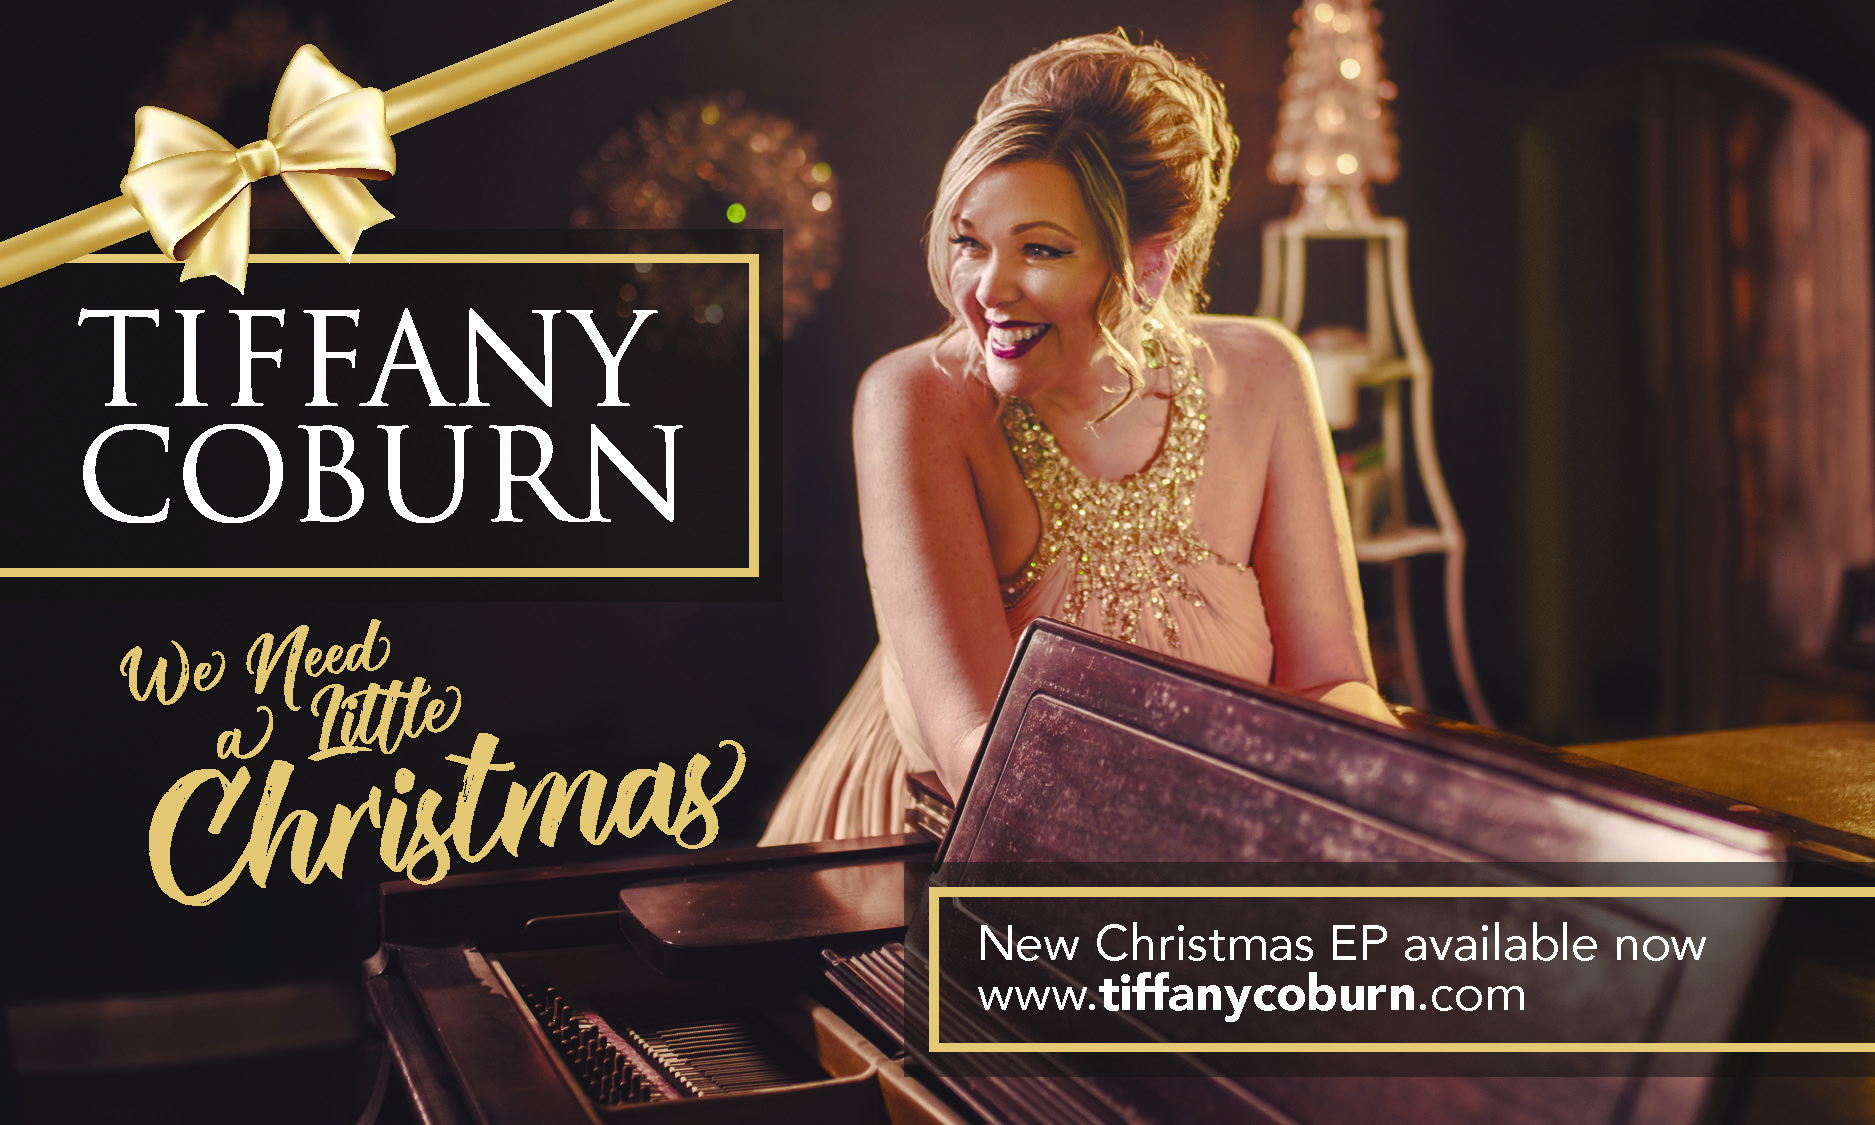 Tiffany Coburn